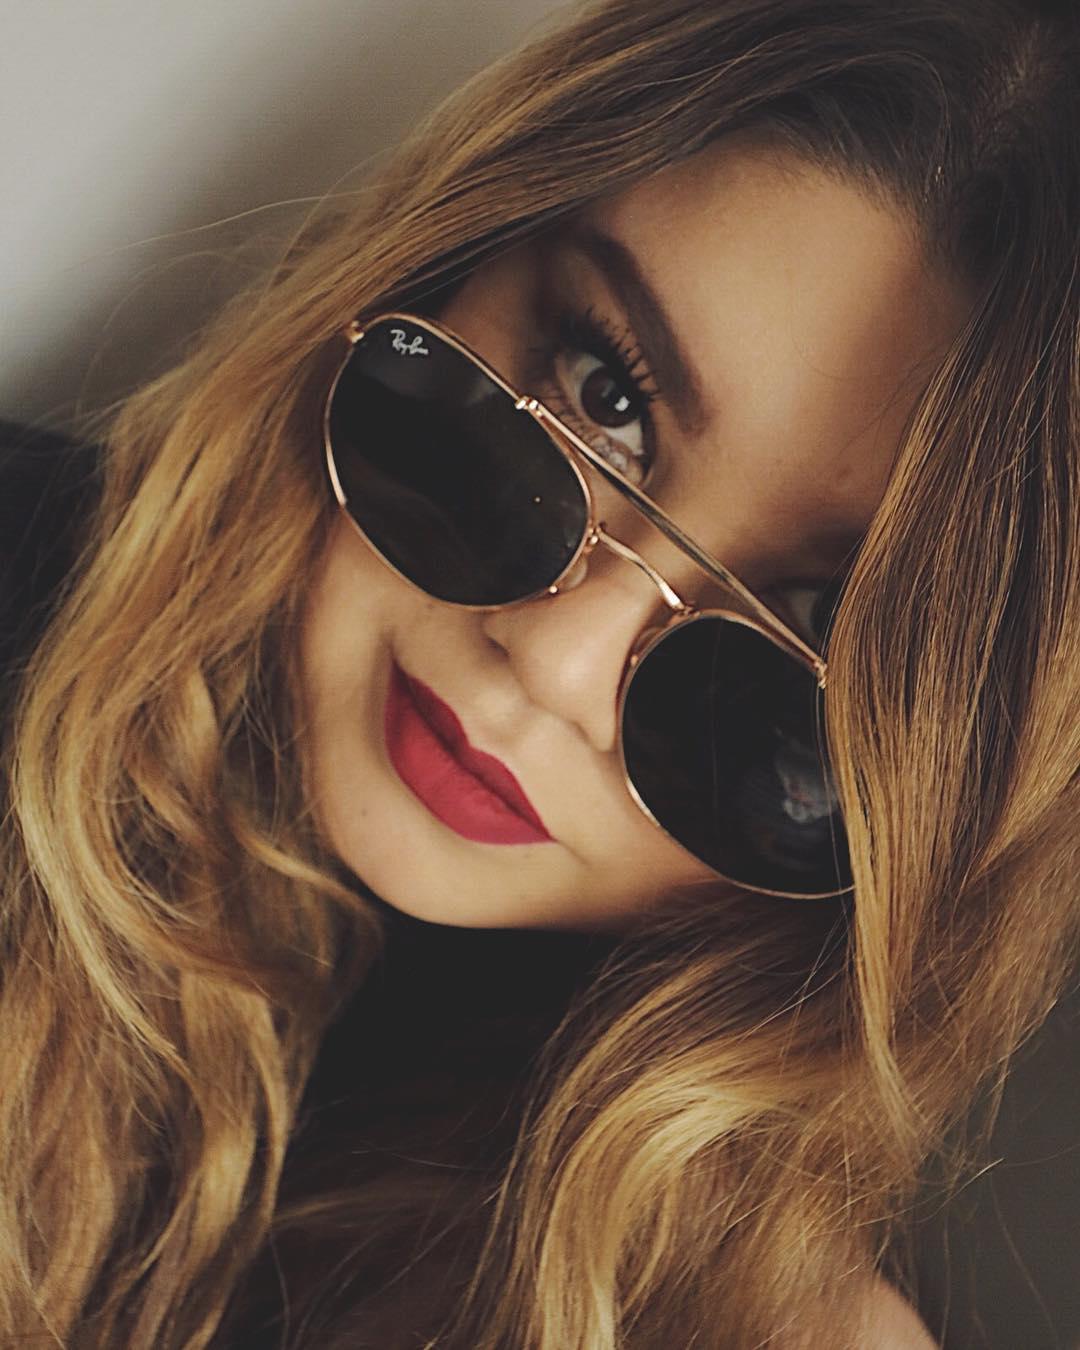 4049fc8362e83 Óculos de sol feminino 2019  Tendências de óculos de sol para mulheres